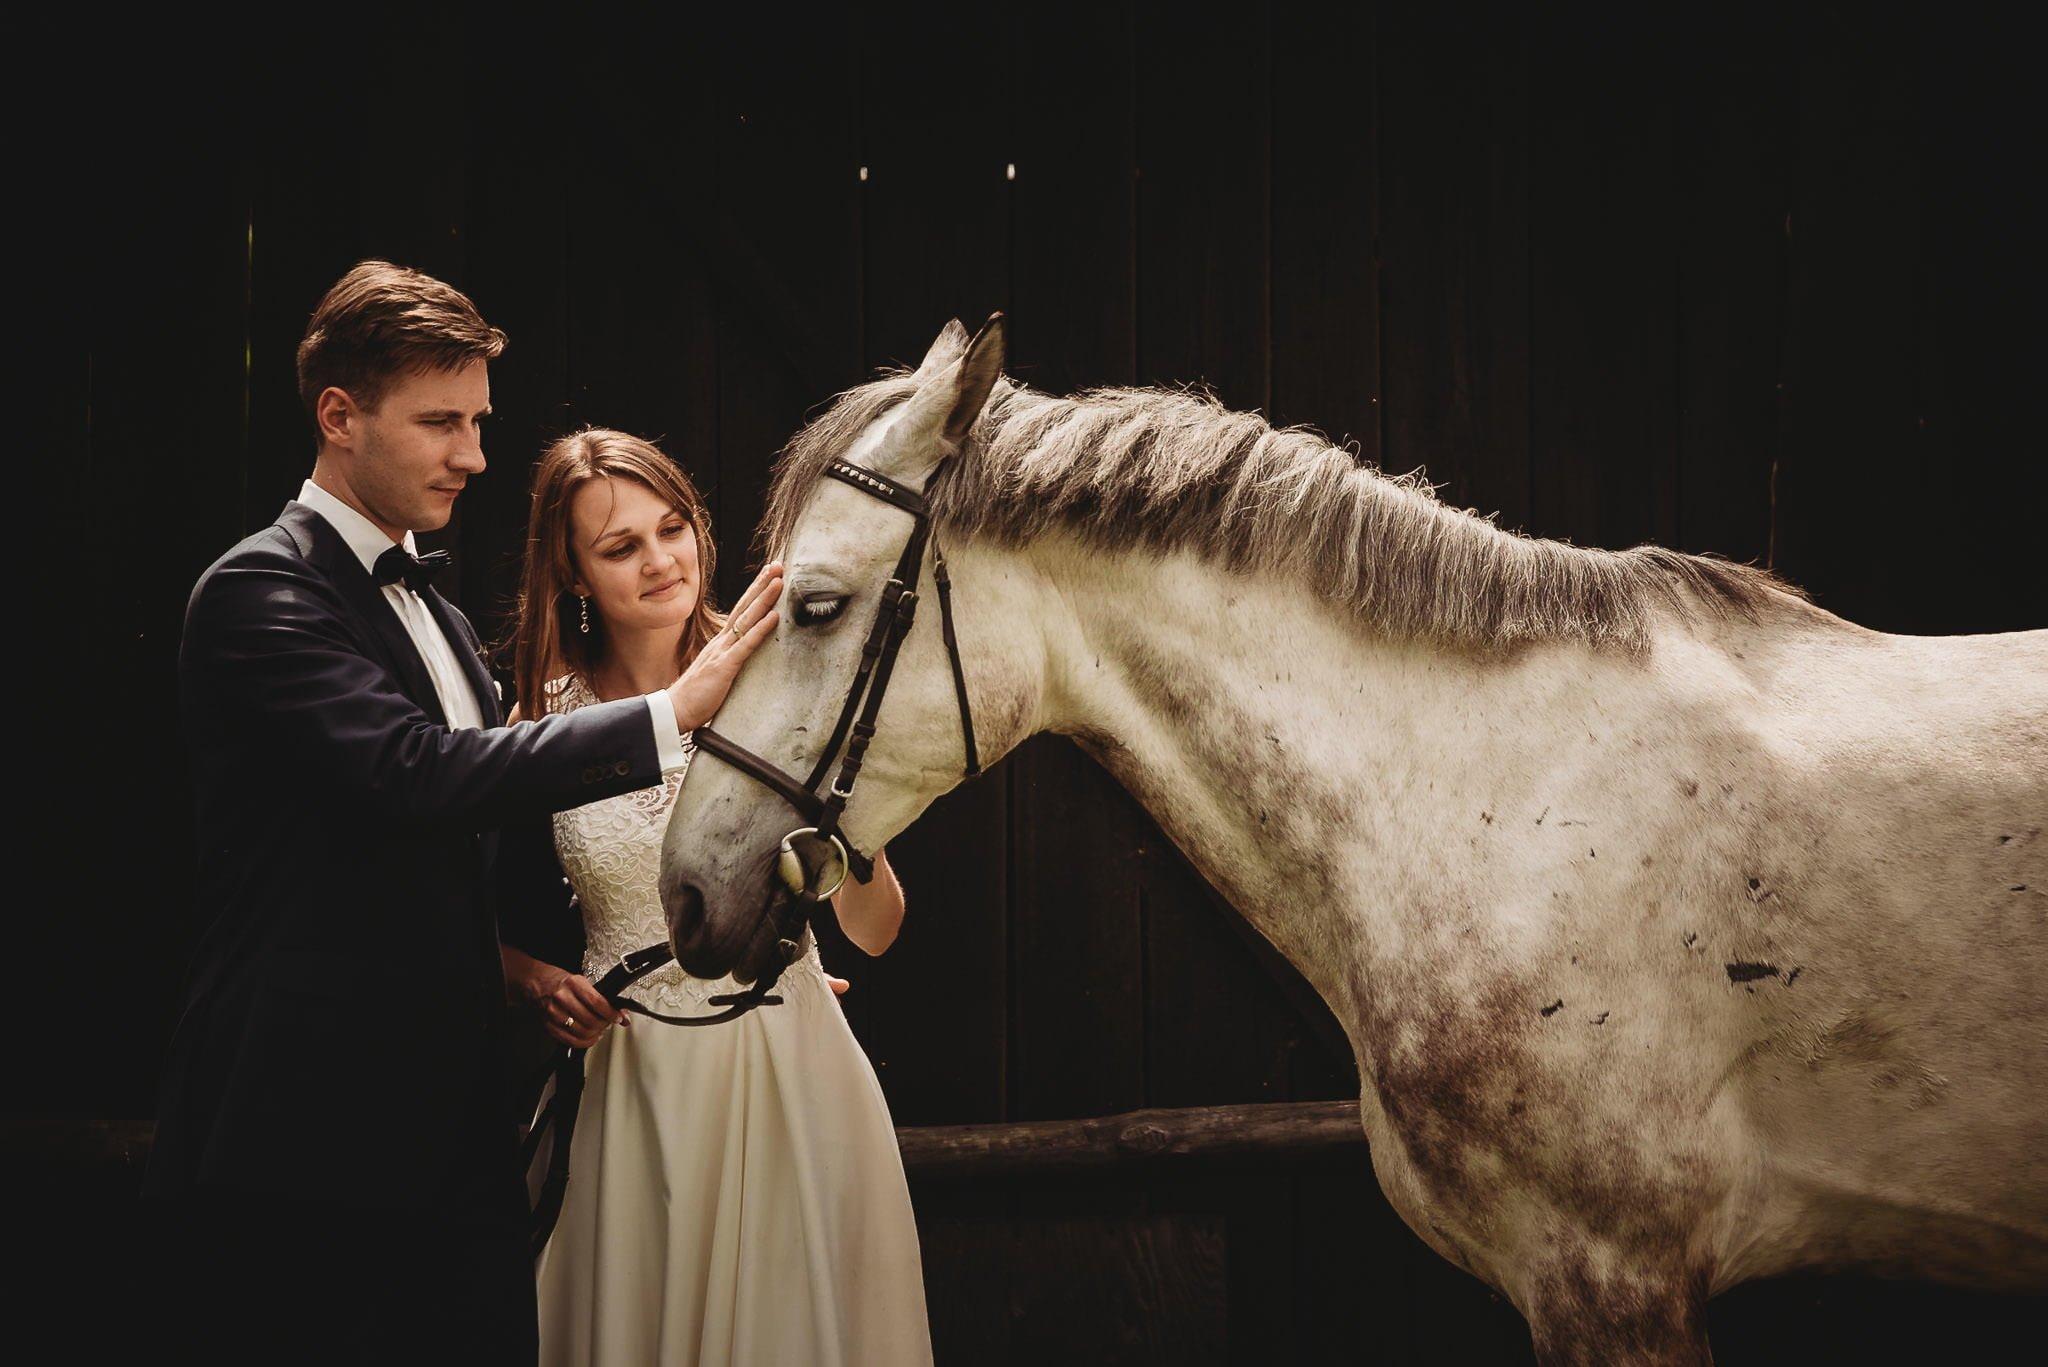 Monika i Michał, wesele w Paryżu i sesja plenerowa w stadninie koni w Czołowie 374